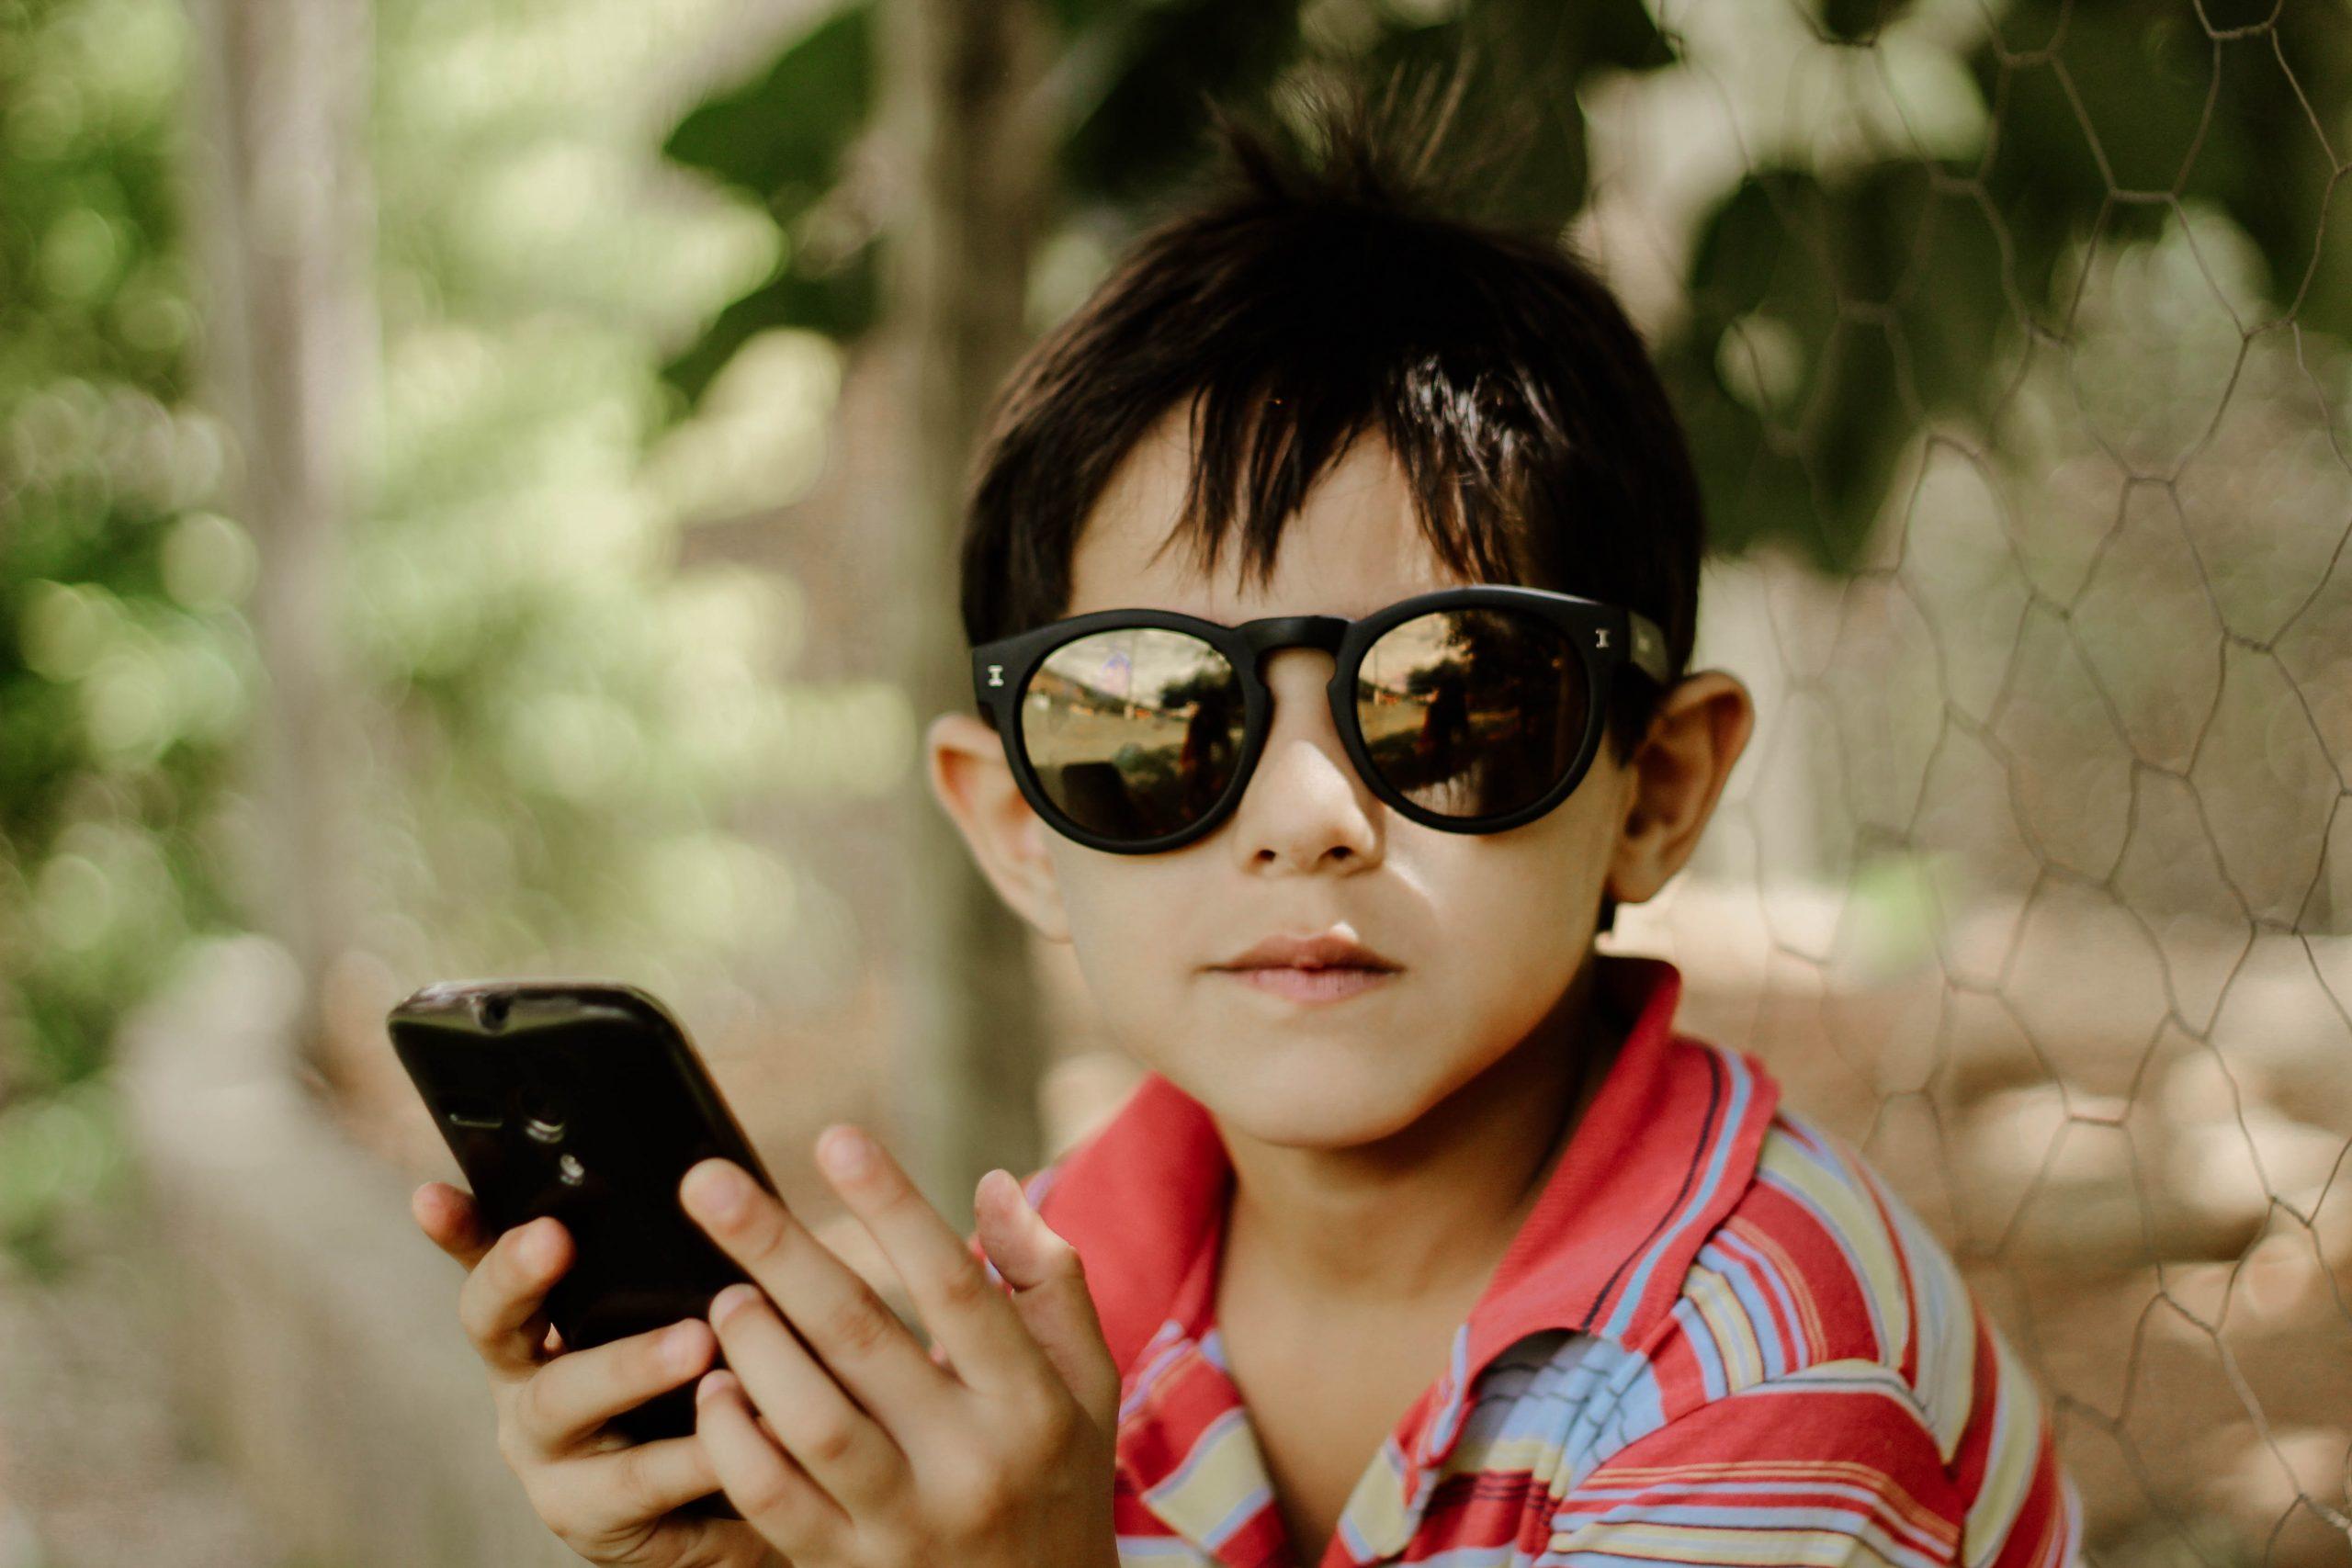 ילדים ומסכים: איך המסכים משפיעים על התפתחות הילדים